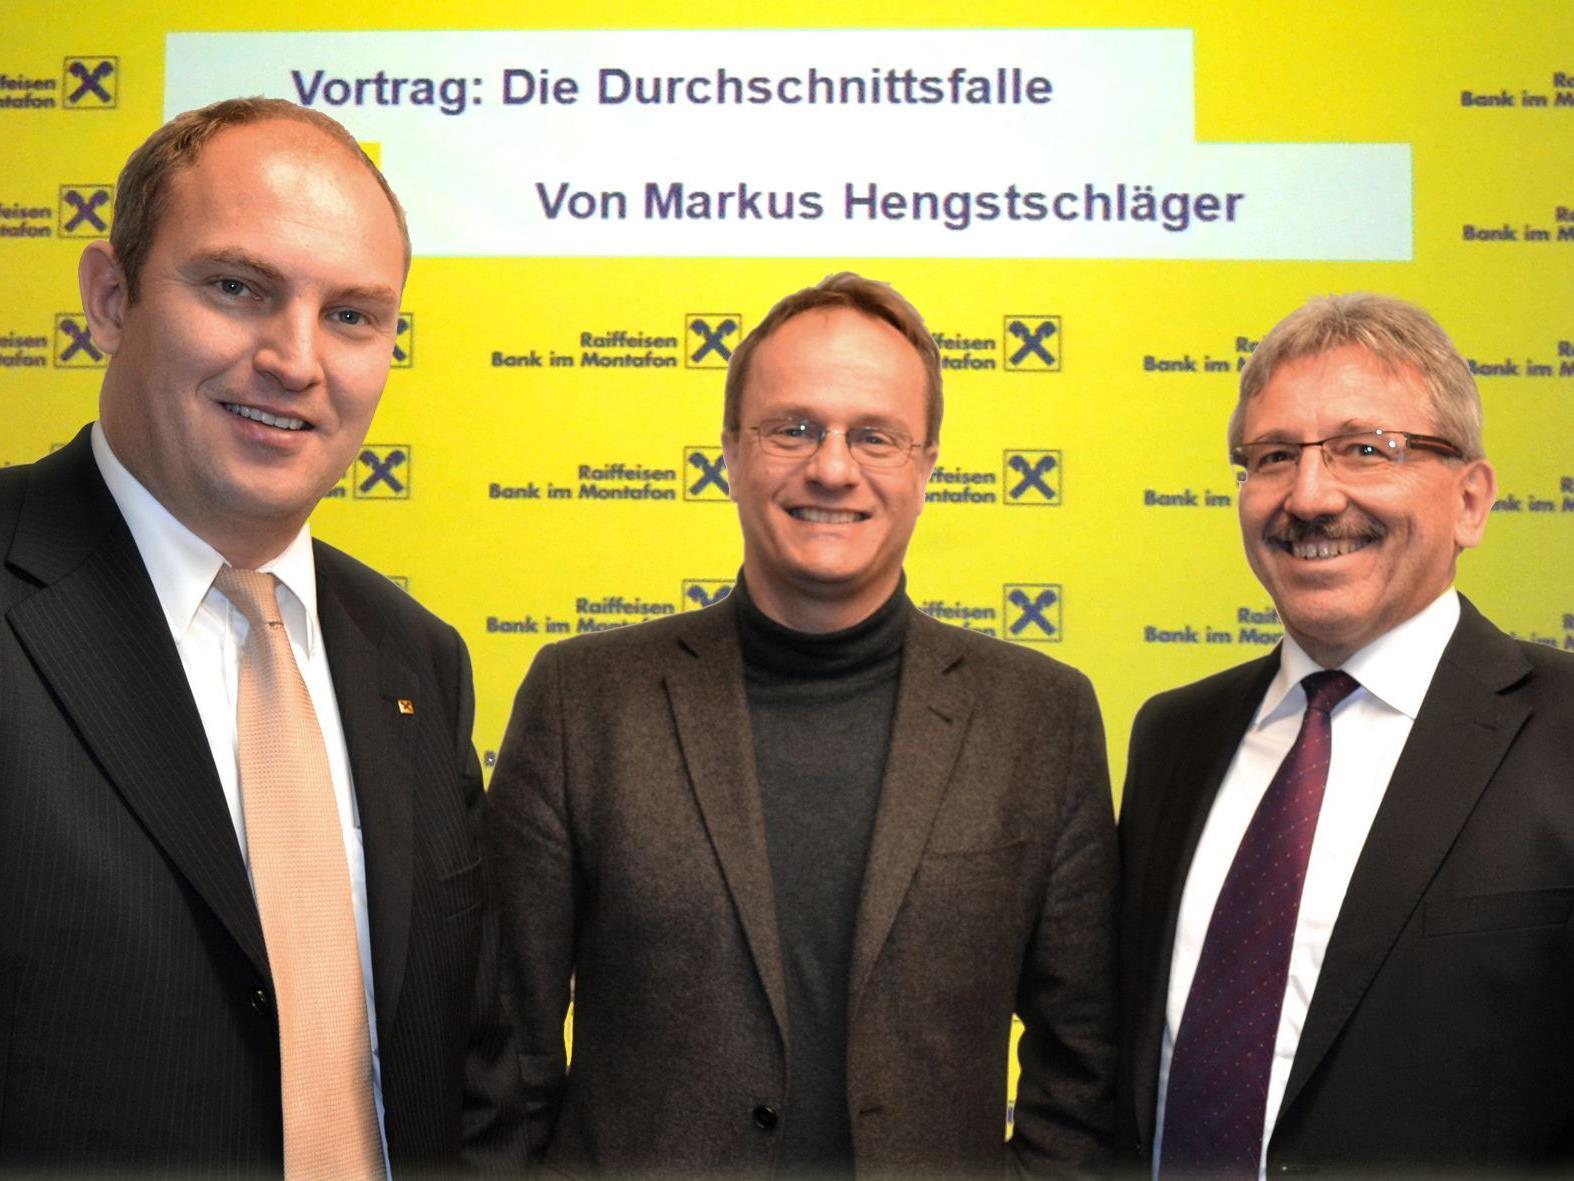 (v.l.:) VDir. Stefan Wachter, Univ.Prof. Mag. Dr. Markus Hengstschläger, VDir. Günter Fäßler.